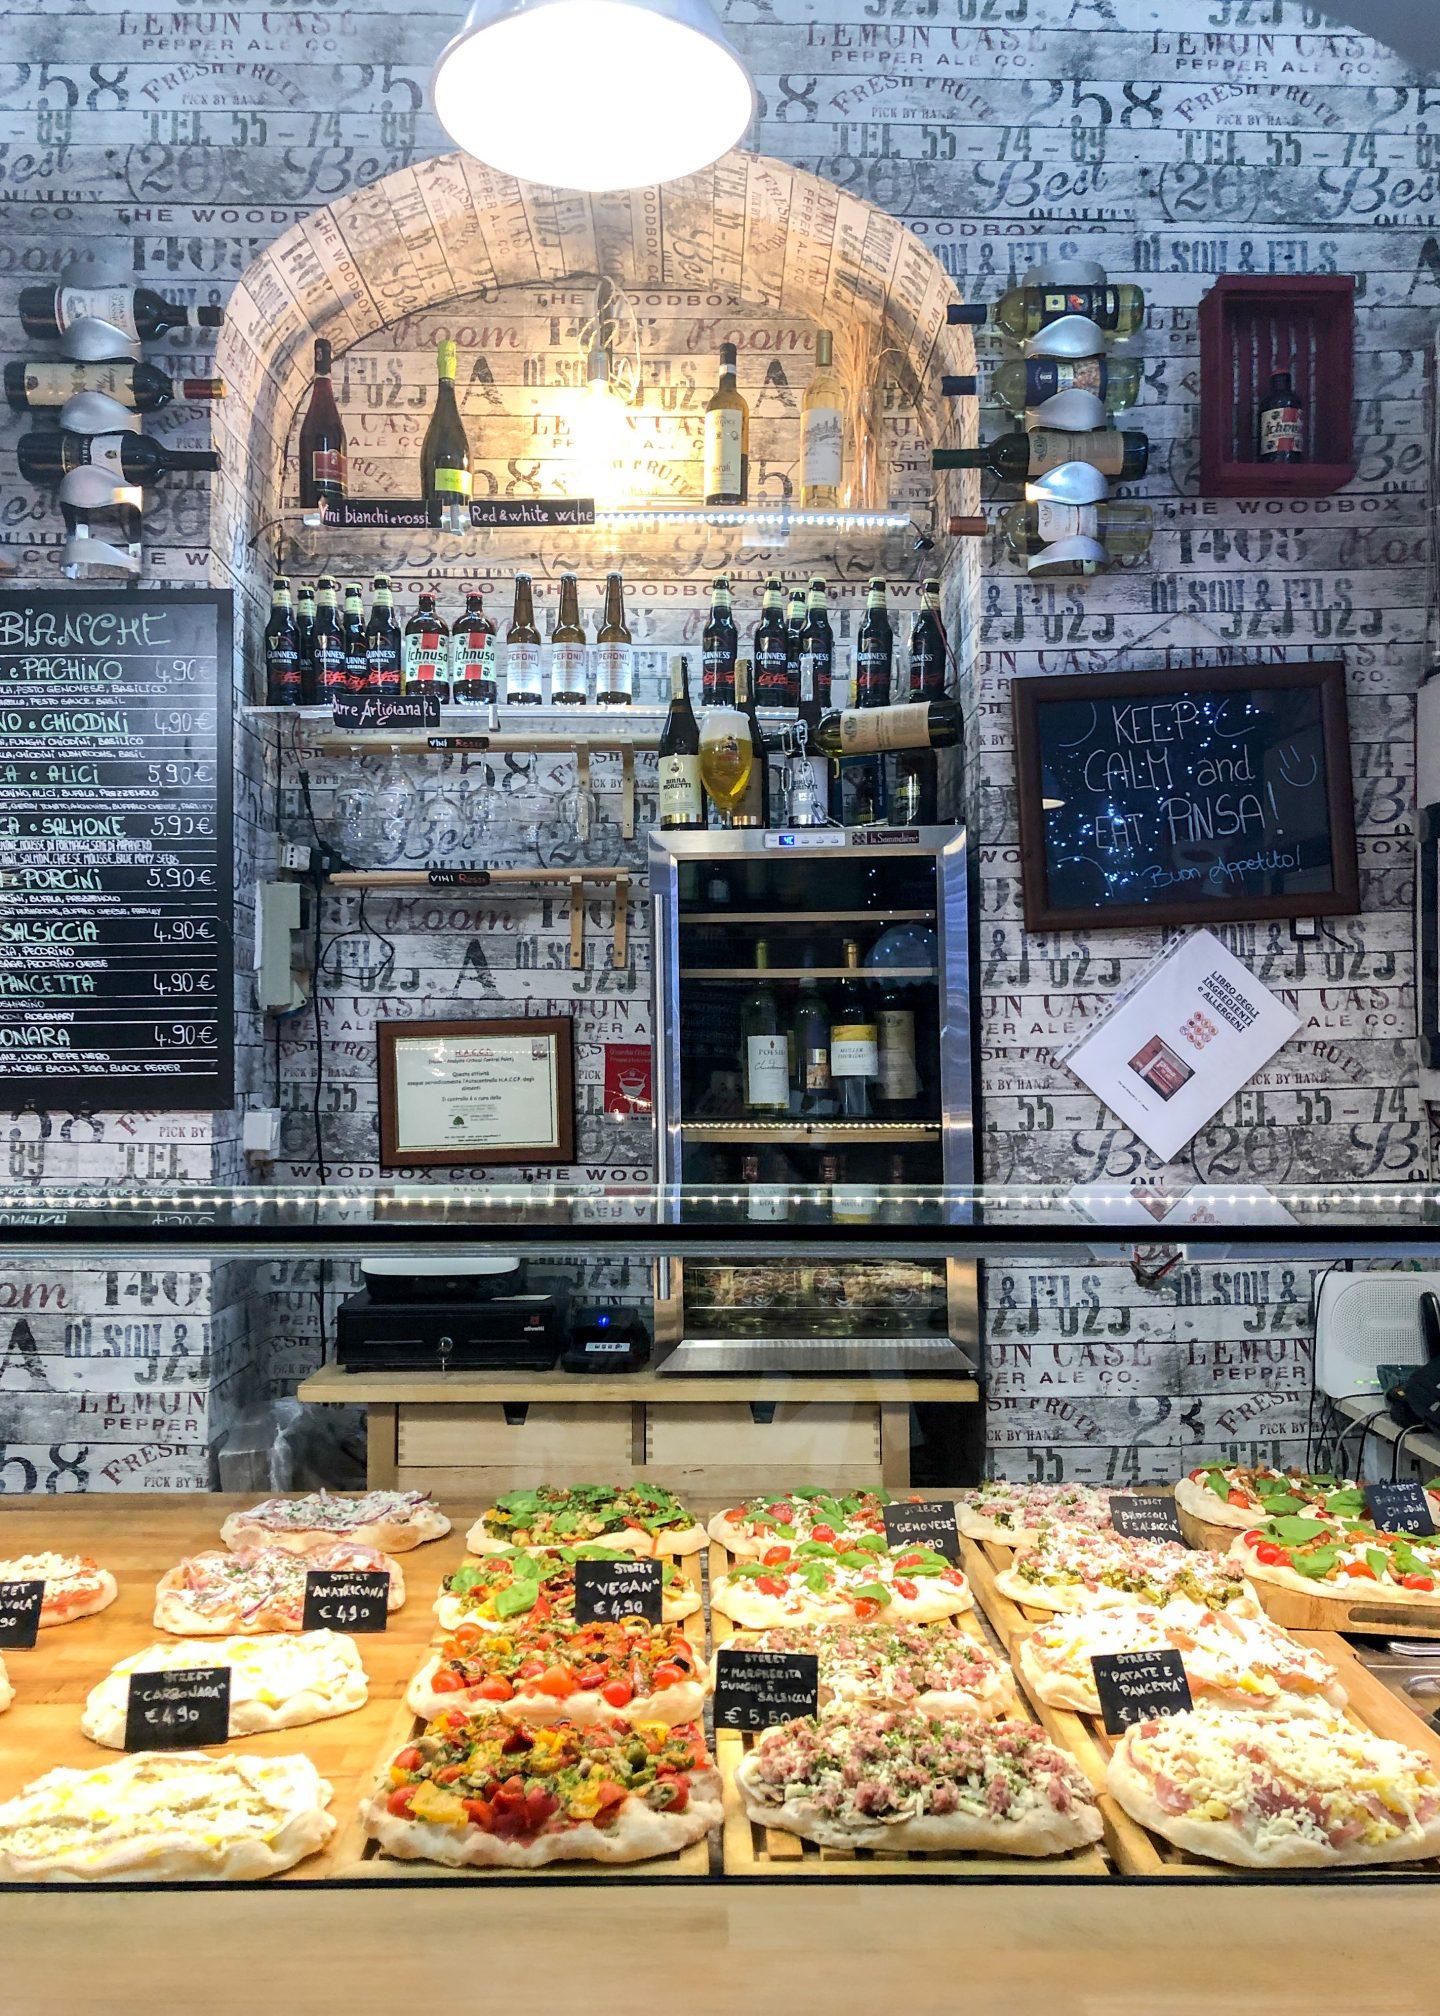 Pinsa M Po Pizza shop in Rome